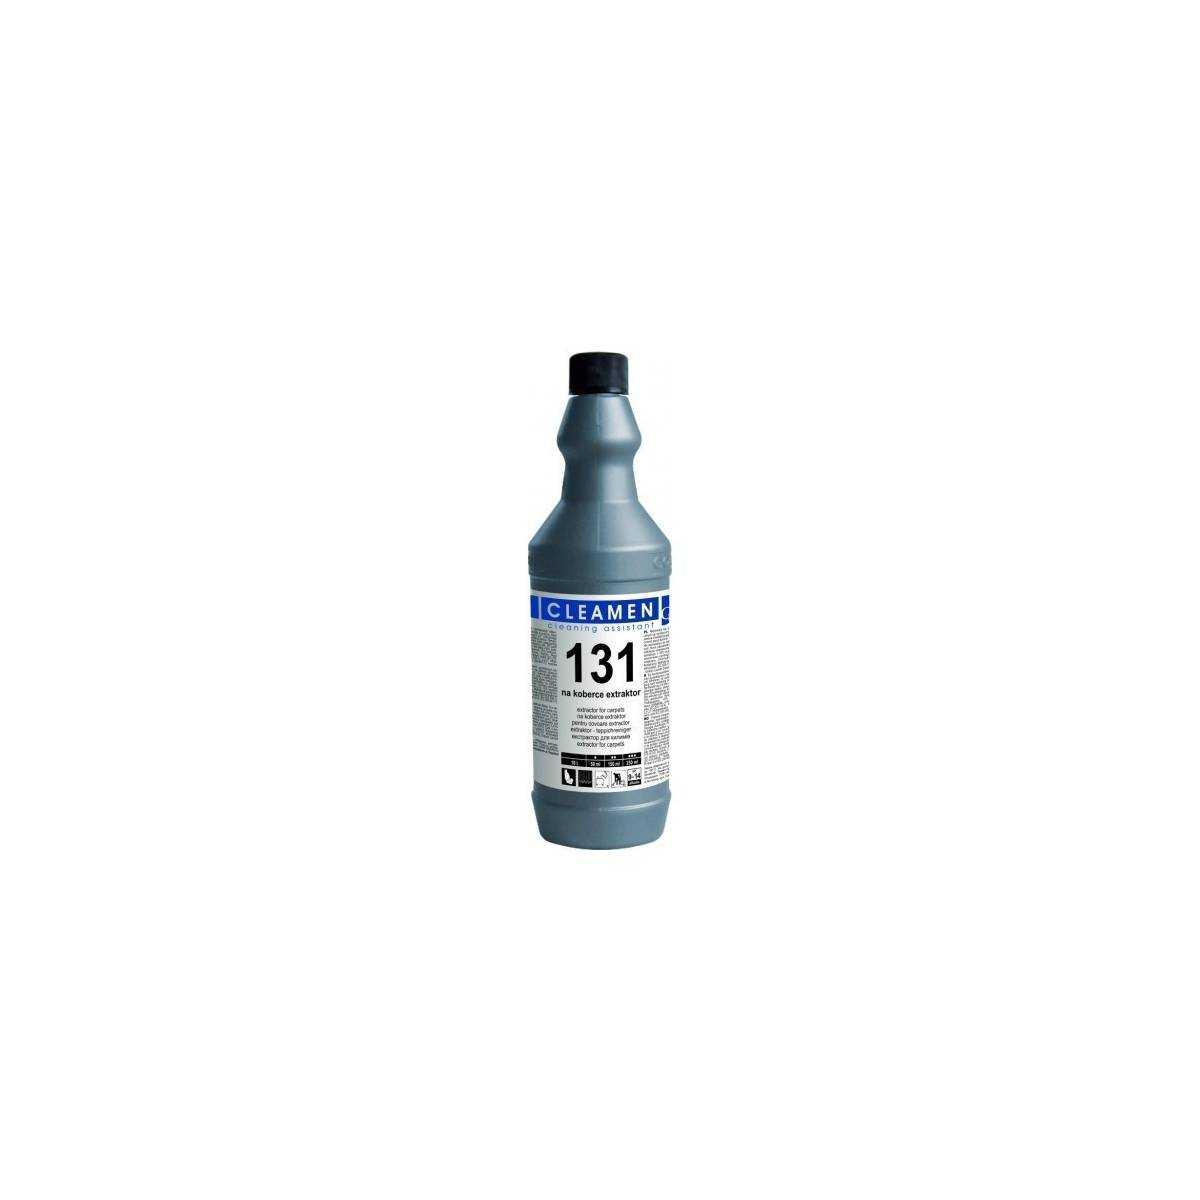 Средство для чистки ковровых покрытий Cleamen 131, 1л VC131050099 Cleamen